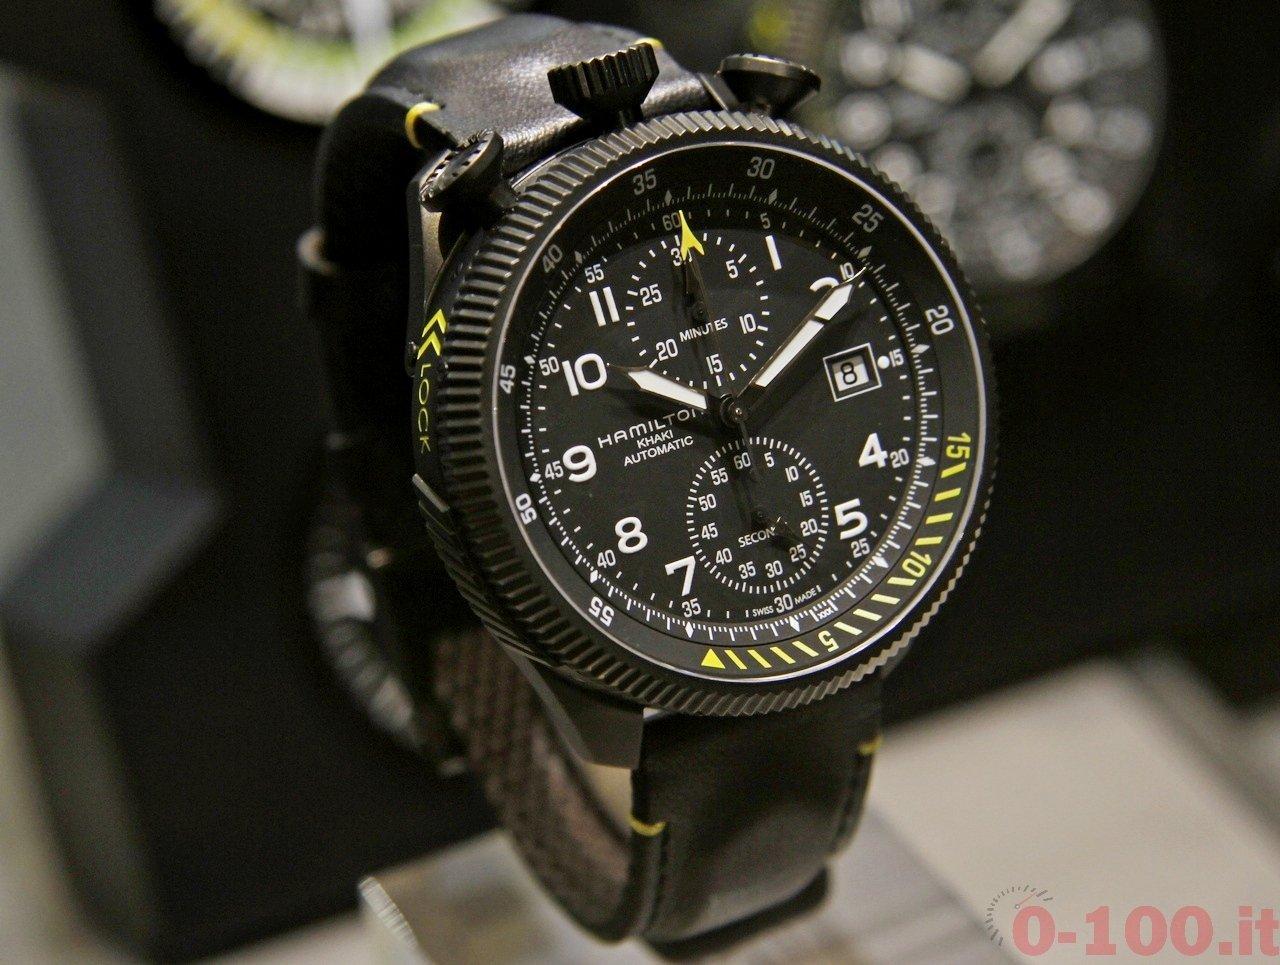 Hamilton-khaki-takeoff-auto-chrono-limited-edition-0-100_6